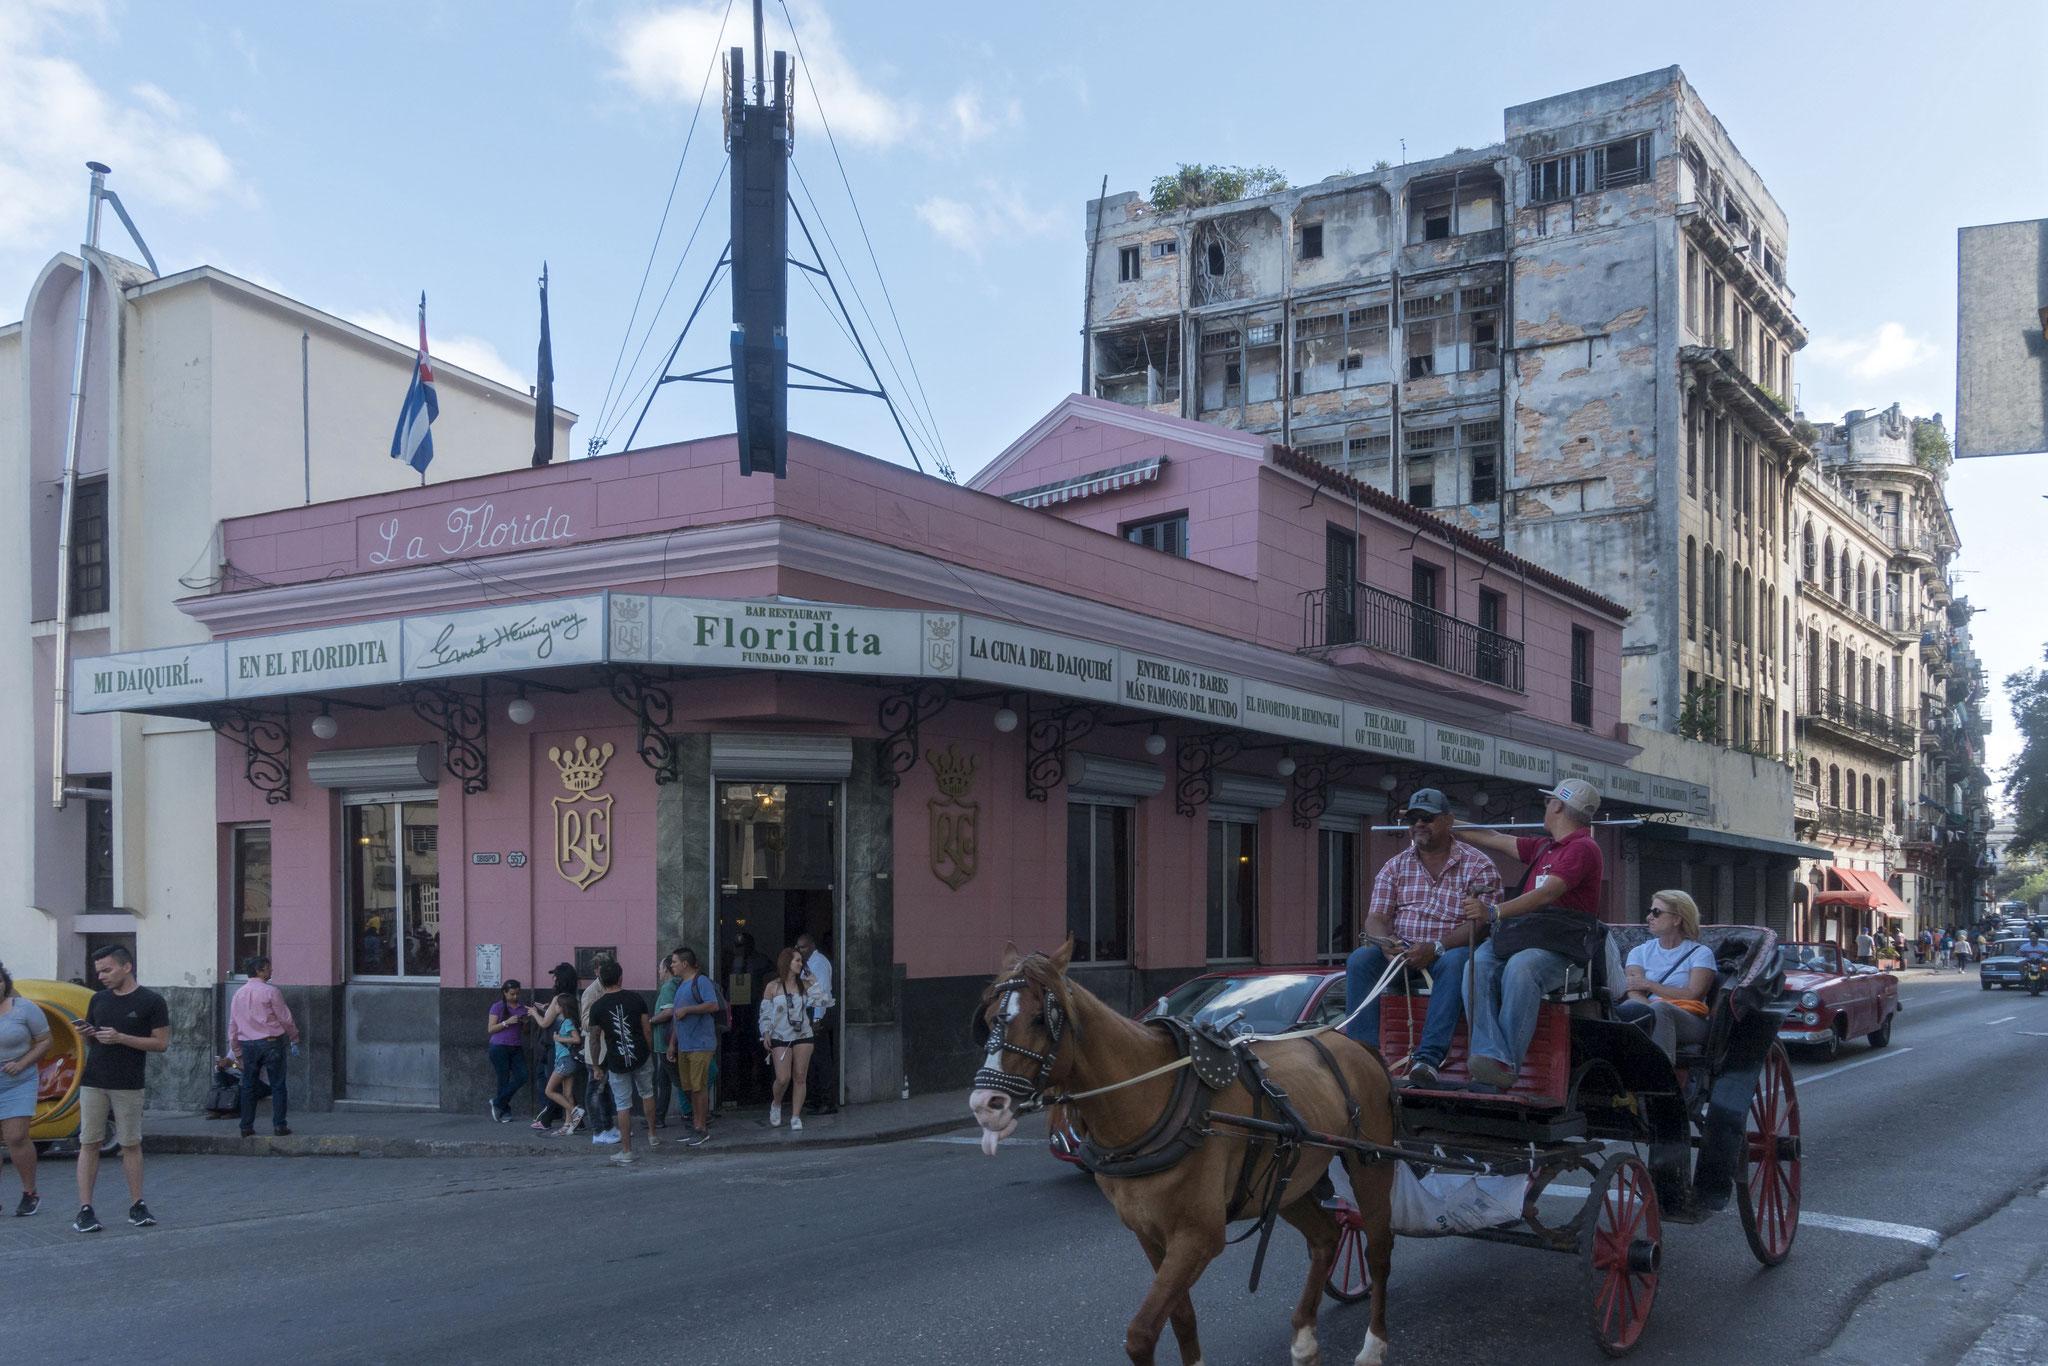 Bar El Floridita, Stammlokal von Ernest Hemmingway